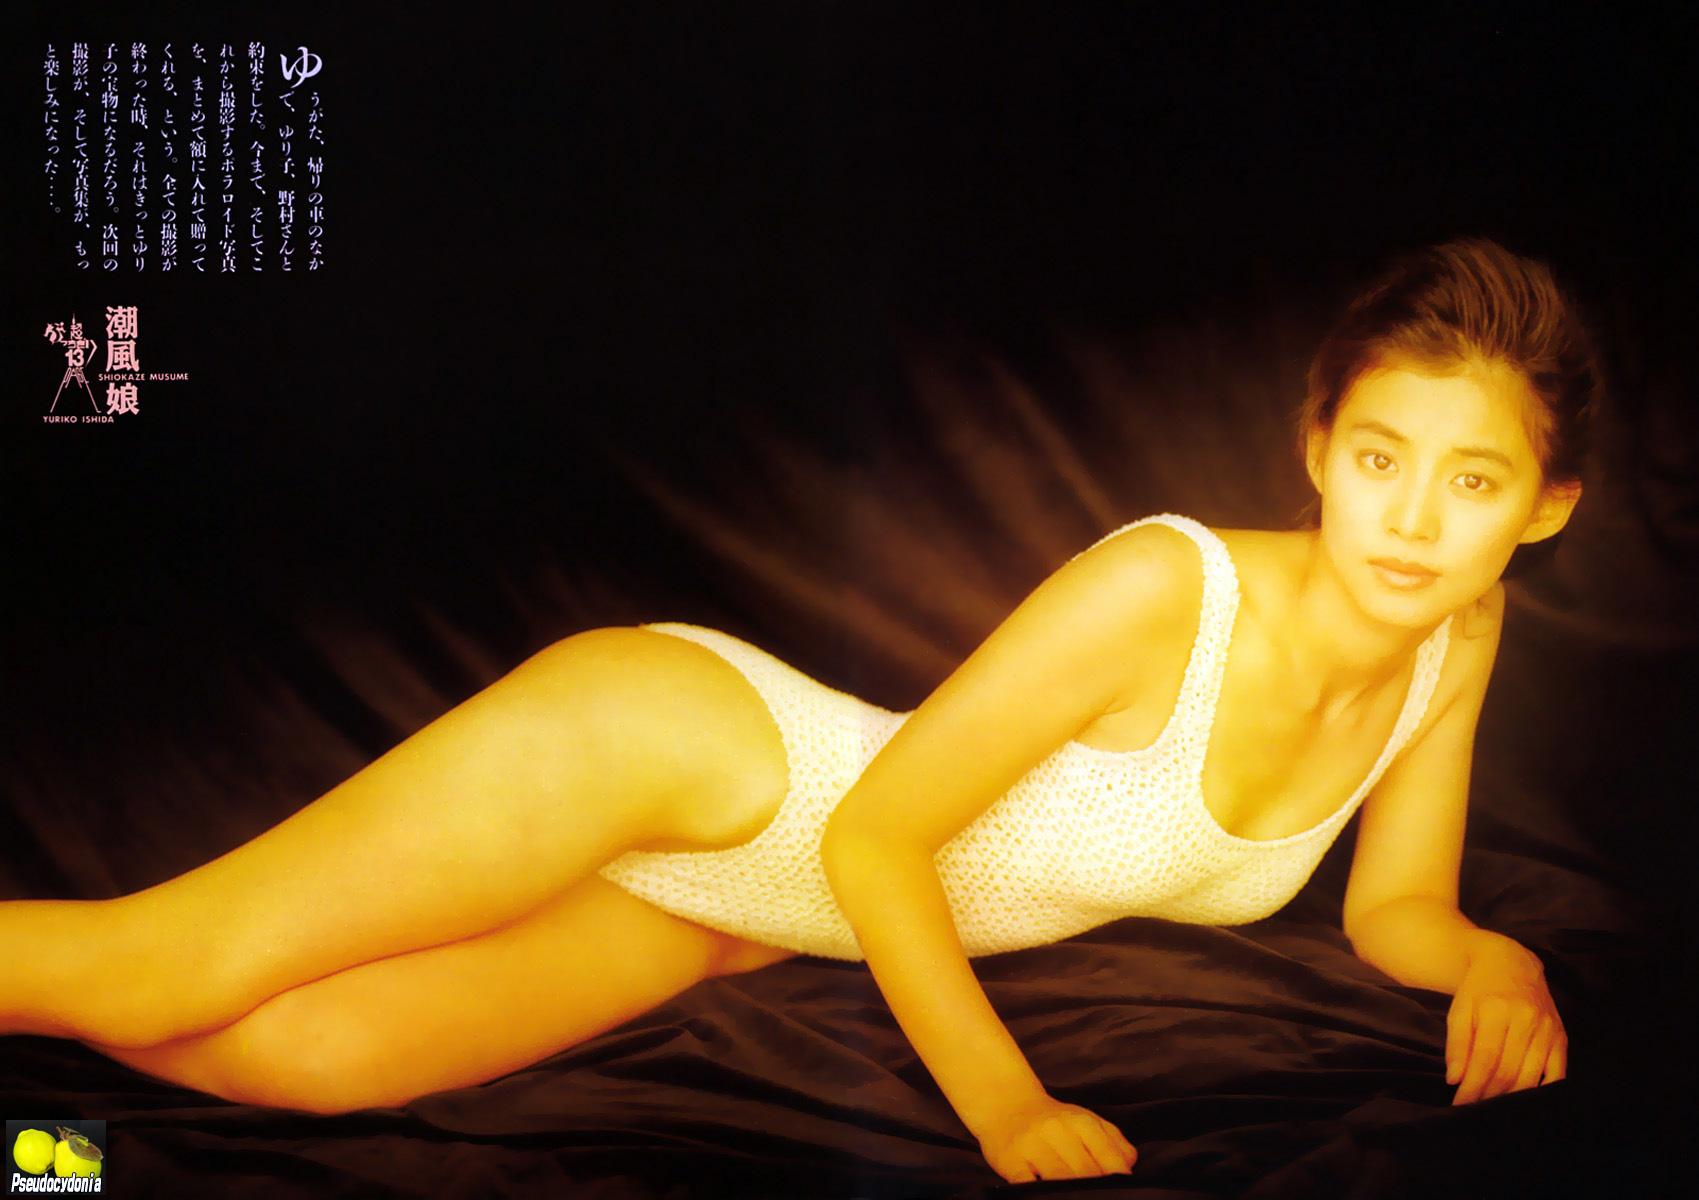 昔のグラビアアイドルでヌイてる人 Part.3 [無断転載禁止]©bbspink.comYouTube動画>26本 ニコニコ動画>1本 ->画像>470枚